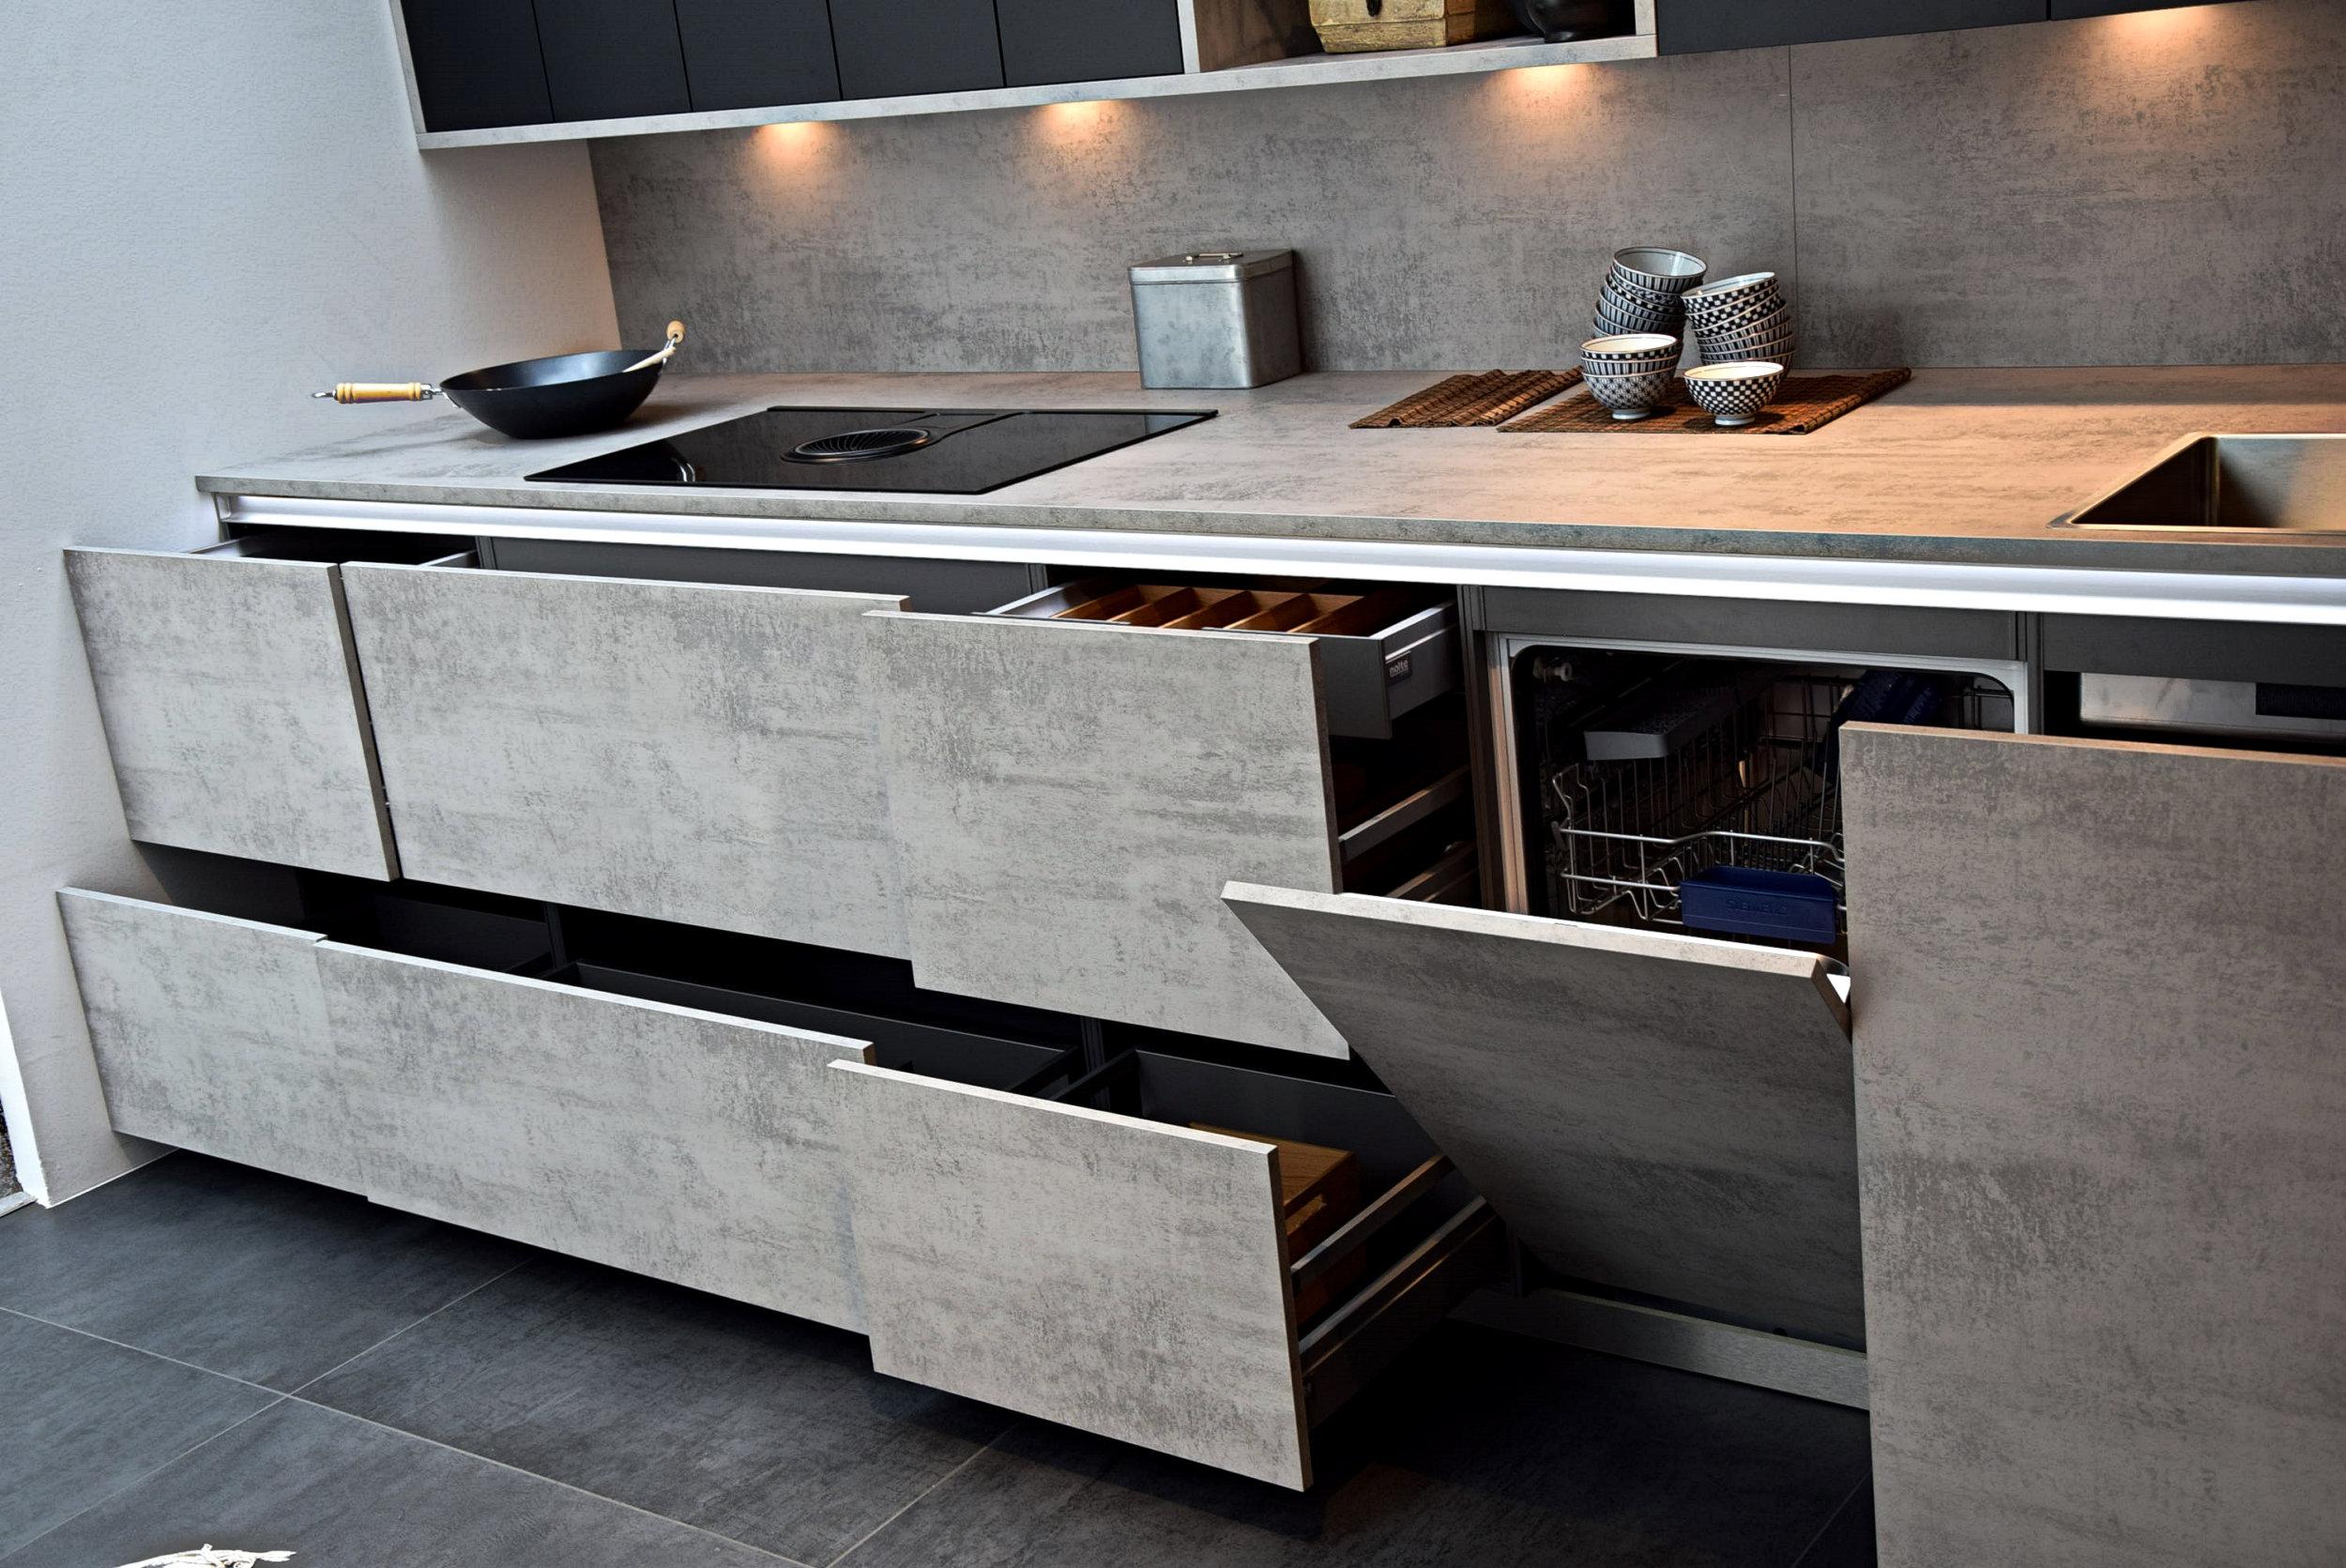 Full Size of Nolte Arbeitsplatte Java Schiefer Küche Sideboard Mit Schlafzimmer Arbeitsplatten Betten Wohnzimmer Nolte Arbeitsplatte Java Schiefer